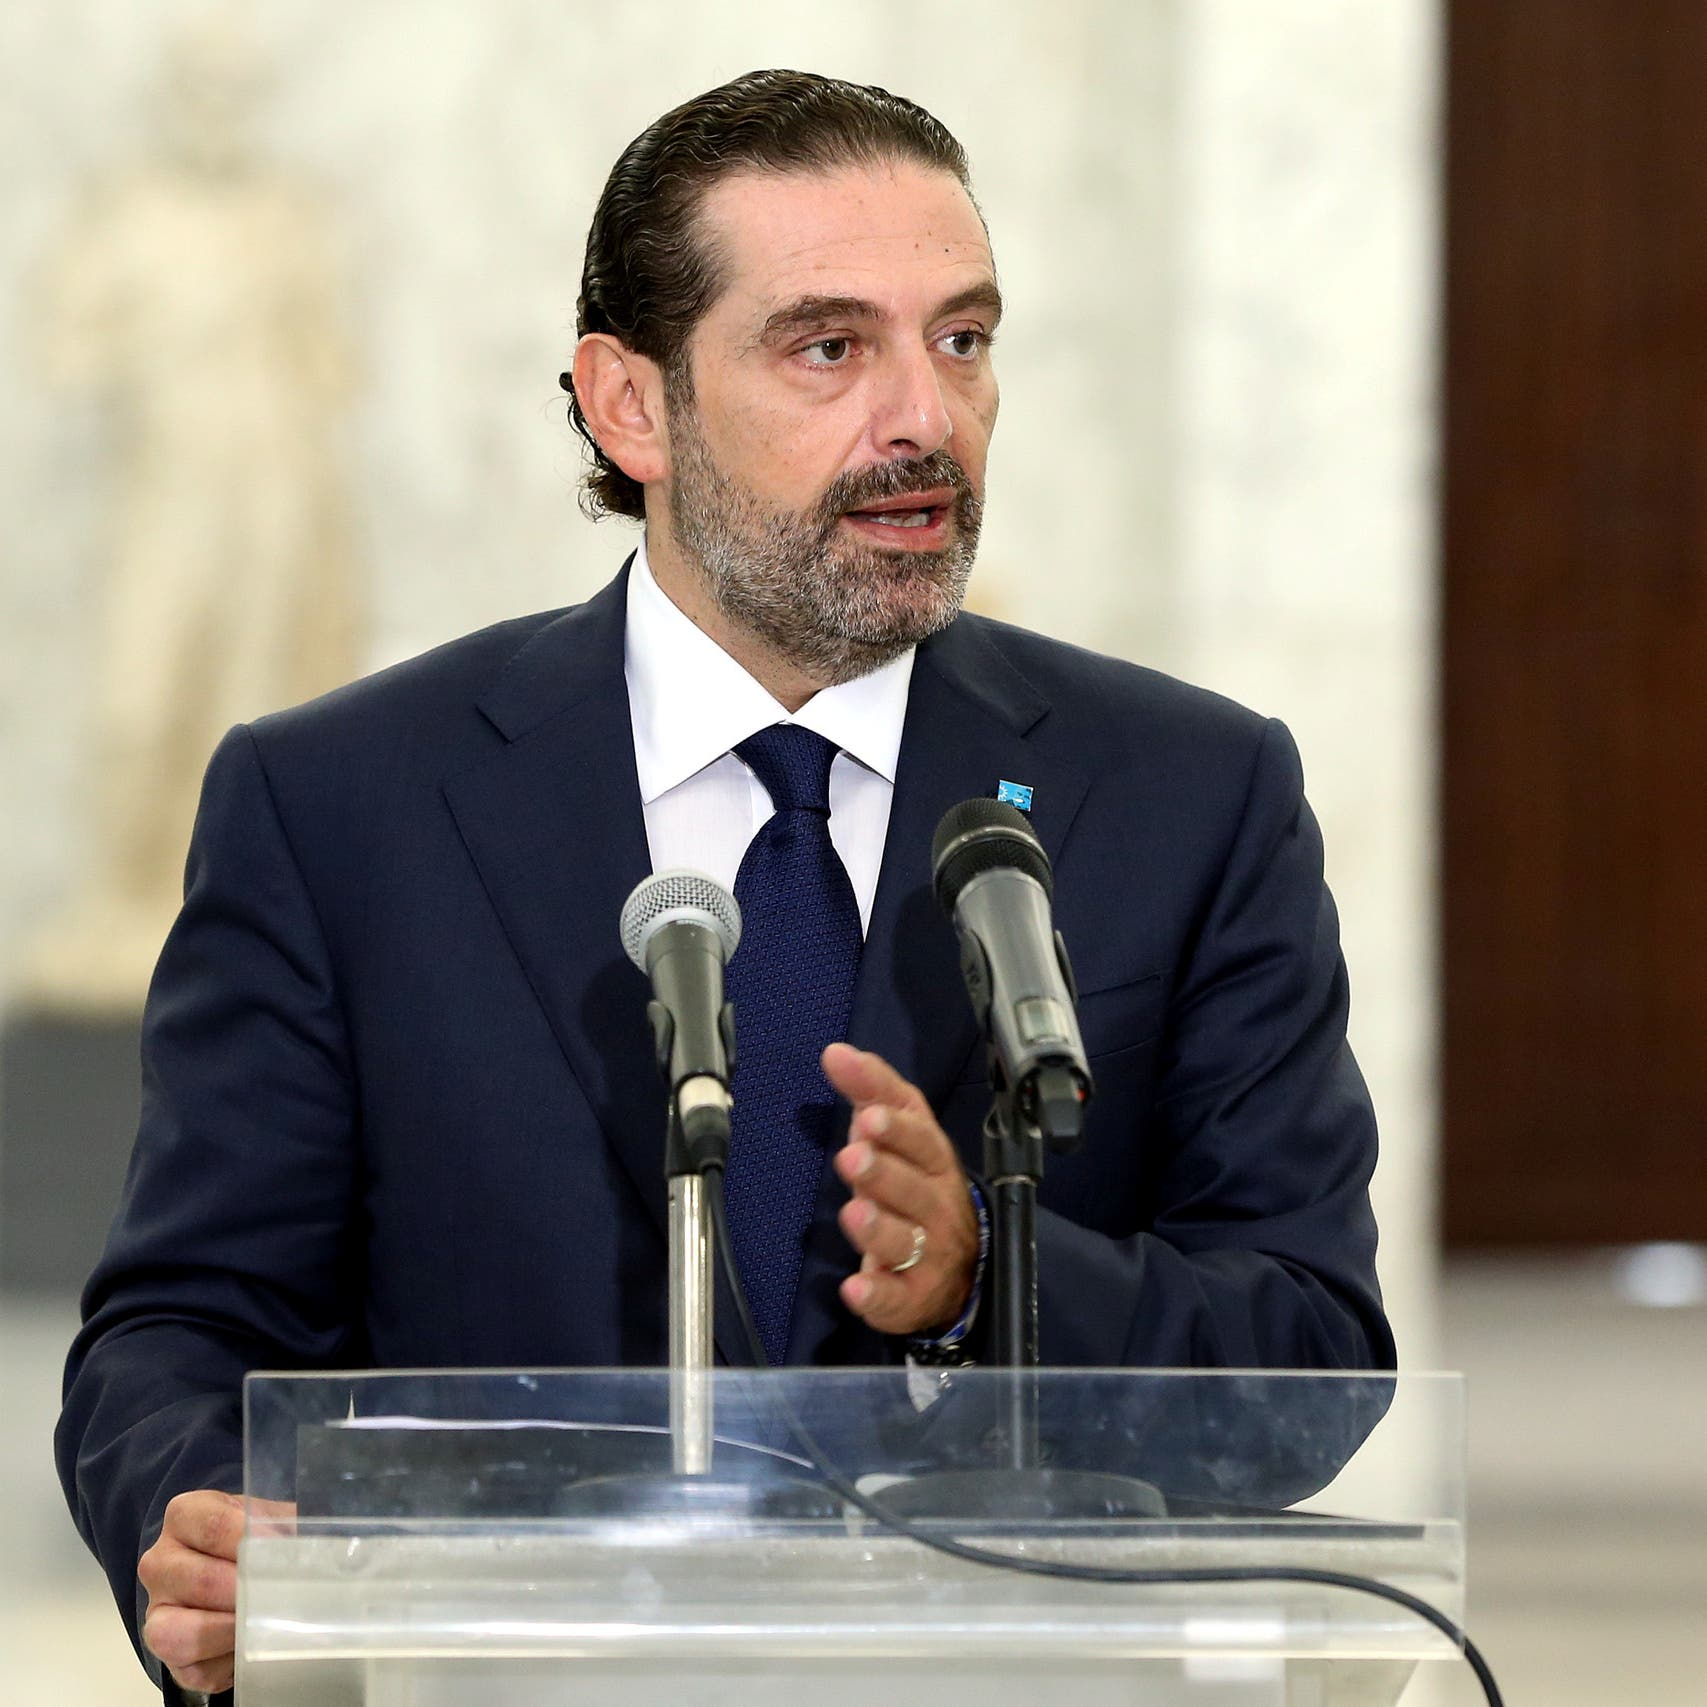 أتبصر حكومة لبنان النور؟ الحريري يعد قائمة بـ18 وزيراً